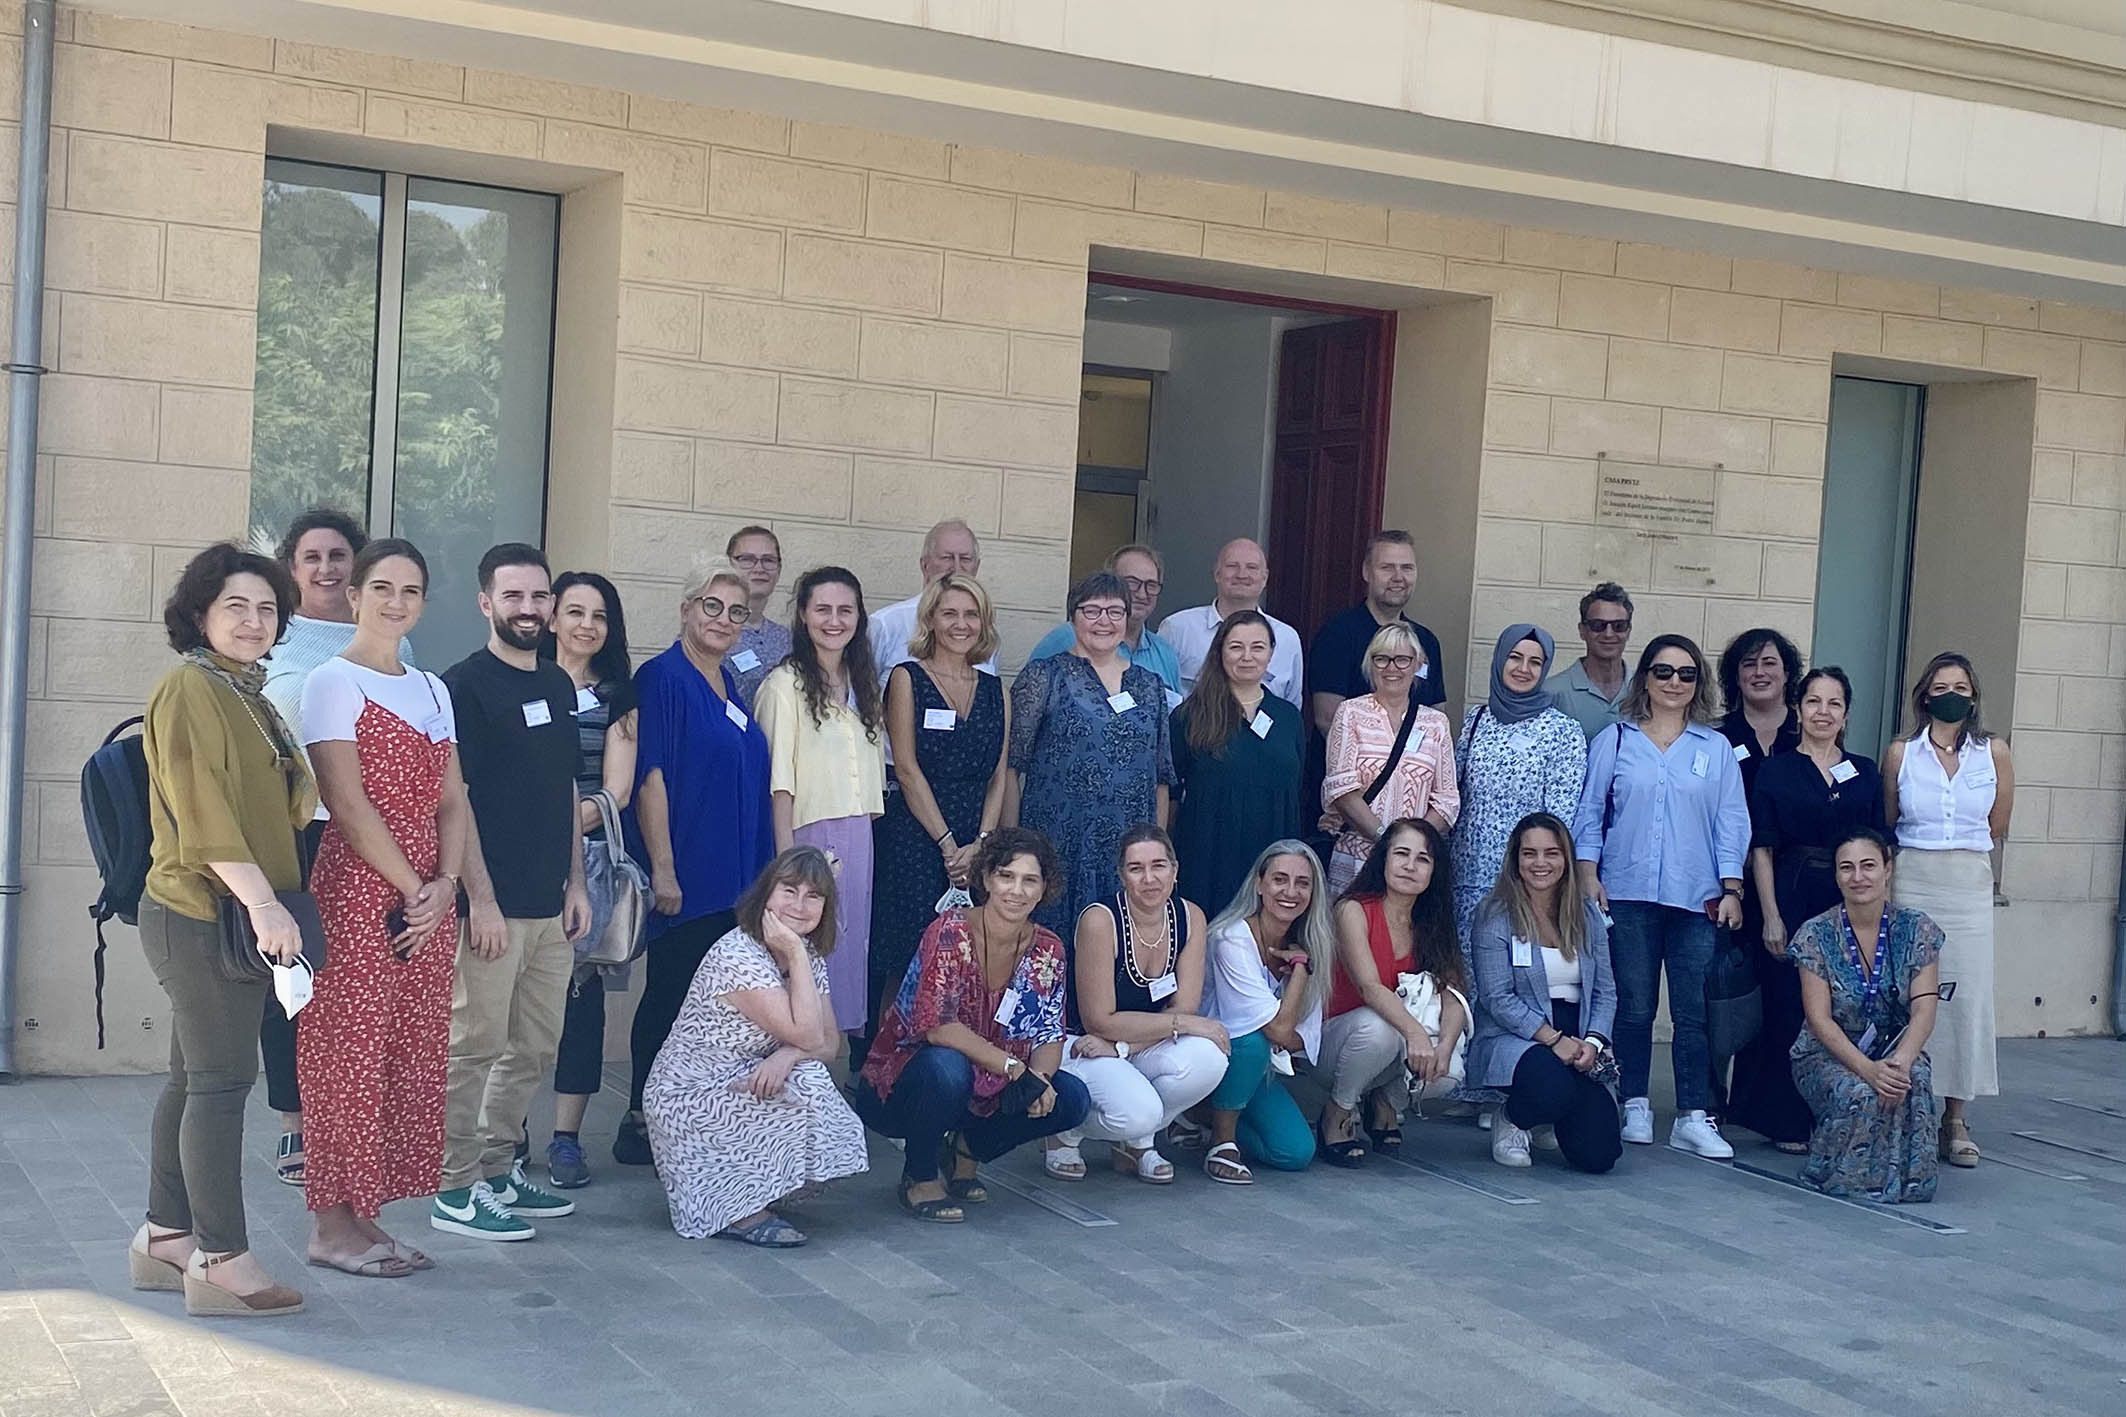 Docentes y pedagogos europeos se reúnen en el Instituto Alicantino de la Familia para debatir sobre el papel de los padres en la educación de sus hijos